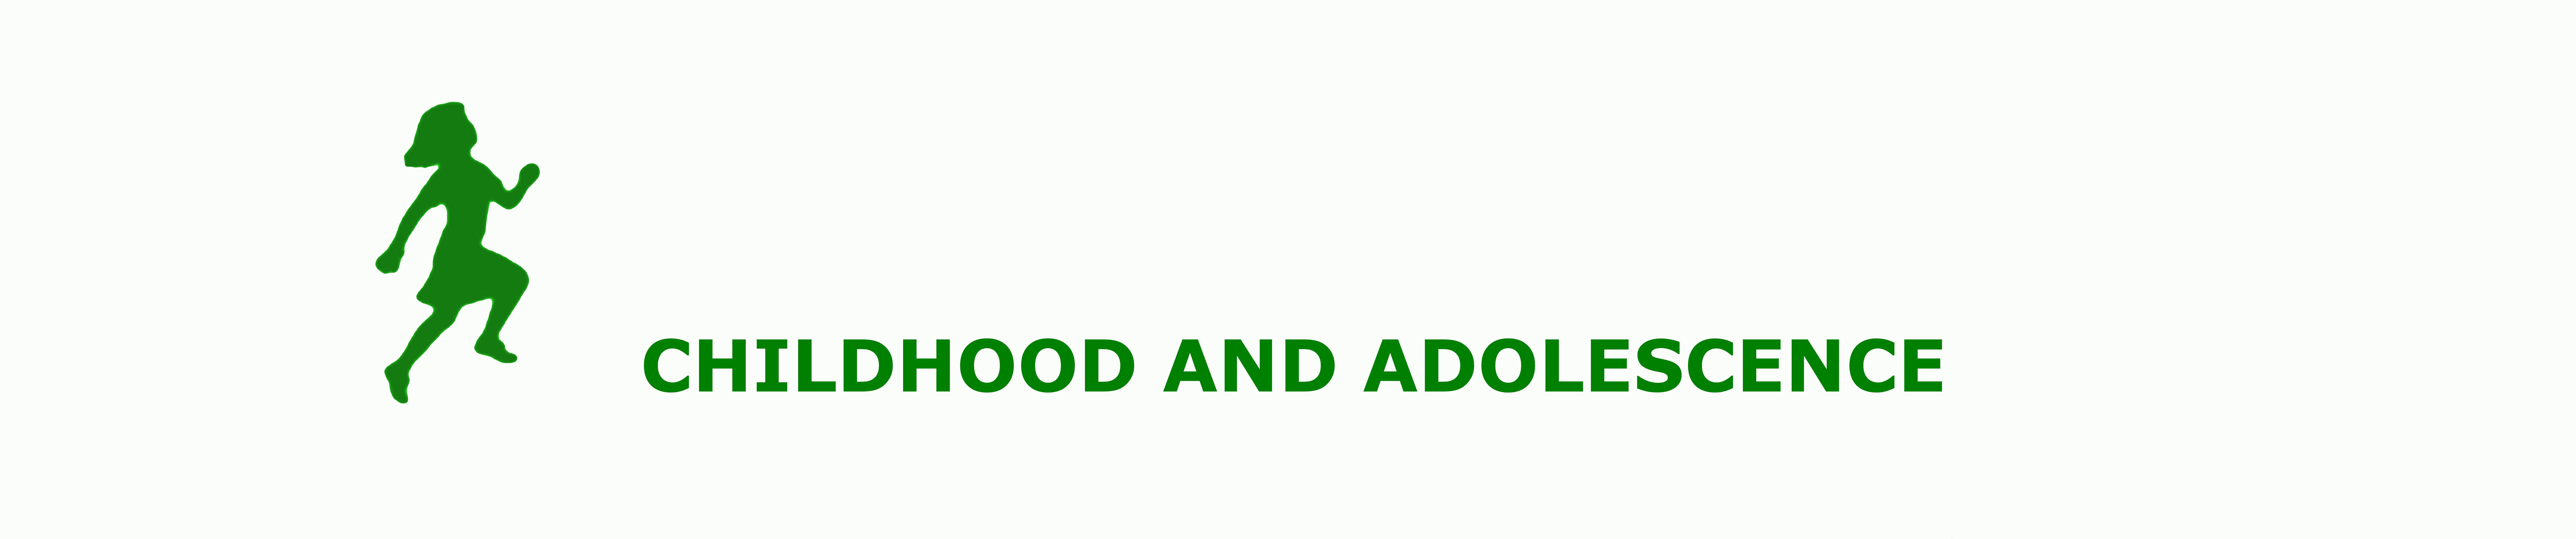 ayudar-estres-CHILHOOD-ADOLESCENCE-quiropracticlolivera